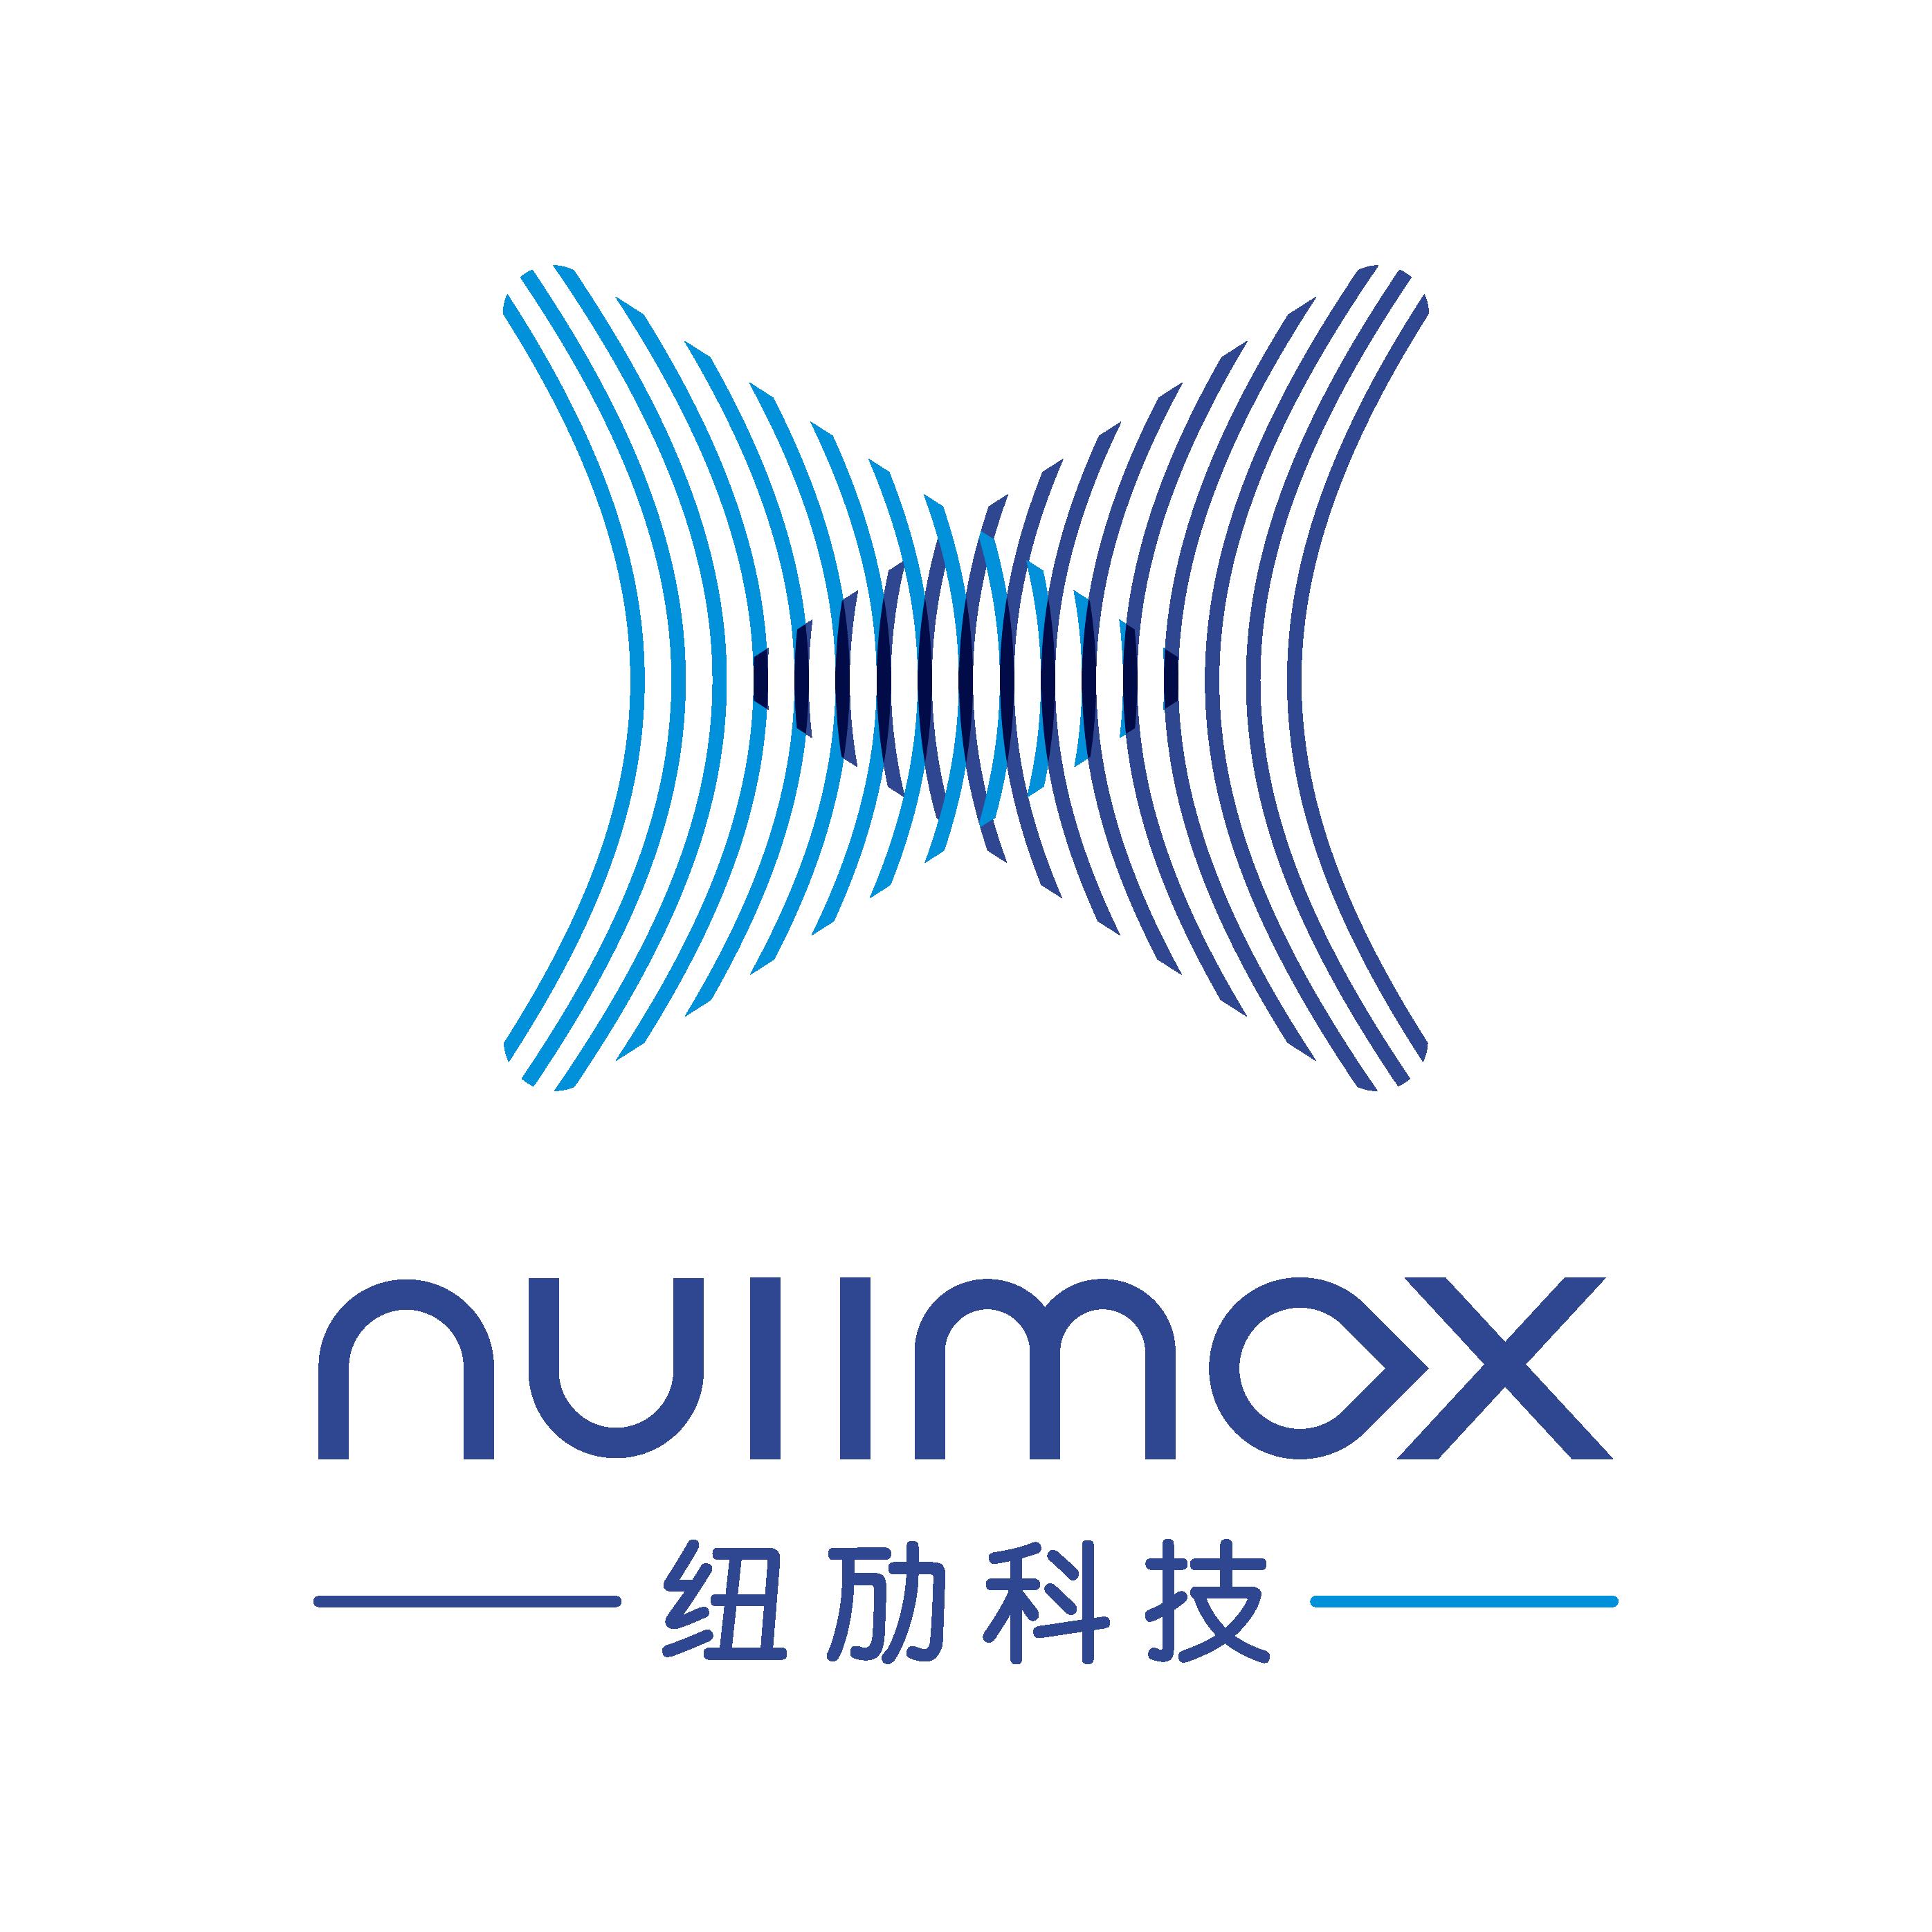 纽劢科技(上海)有限公司